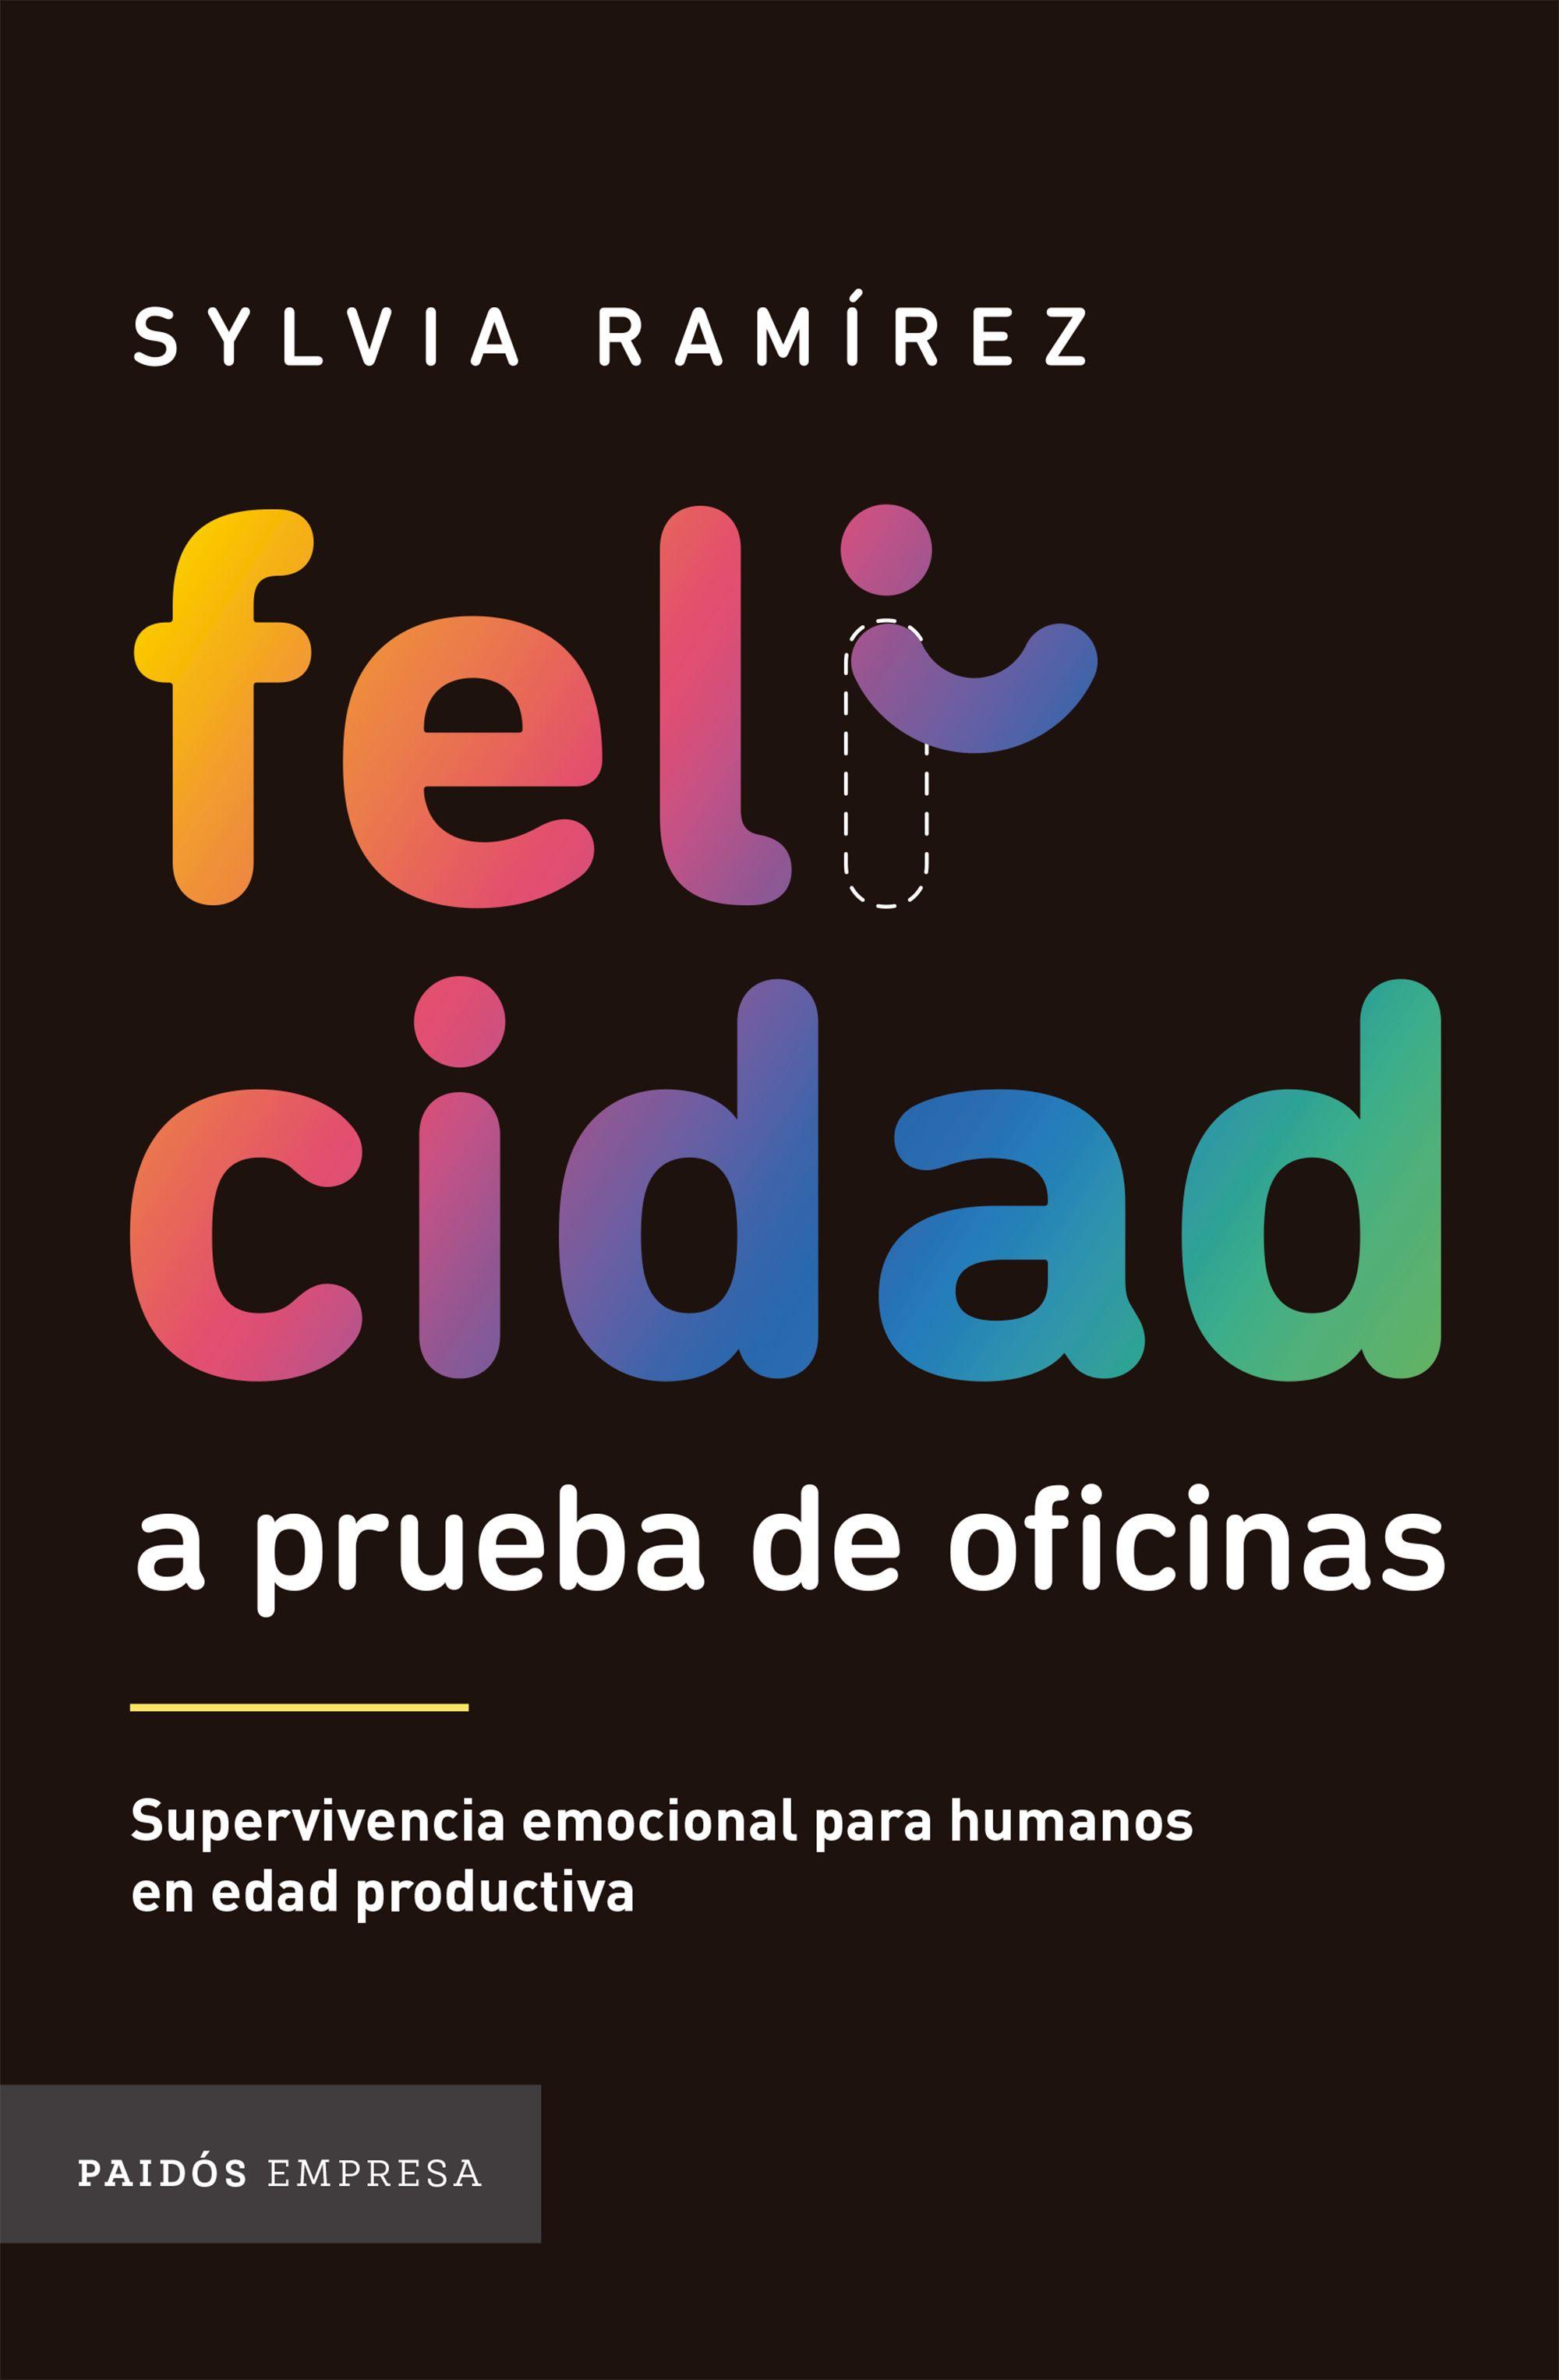 Felicidad a Prueba de Oficinas - Sylvia Ramírez - Paidos Empresas Colombia